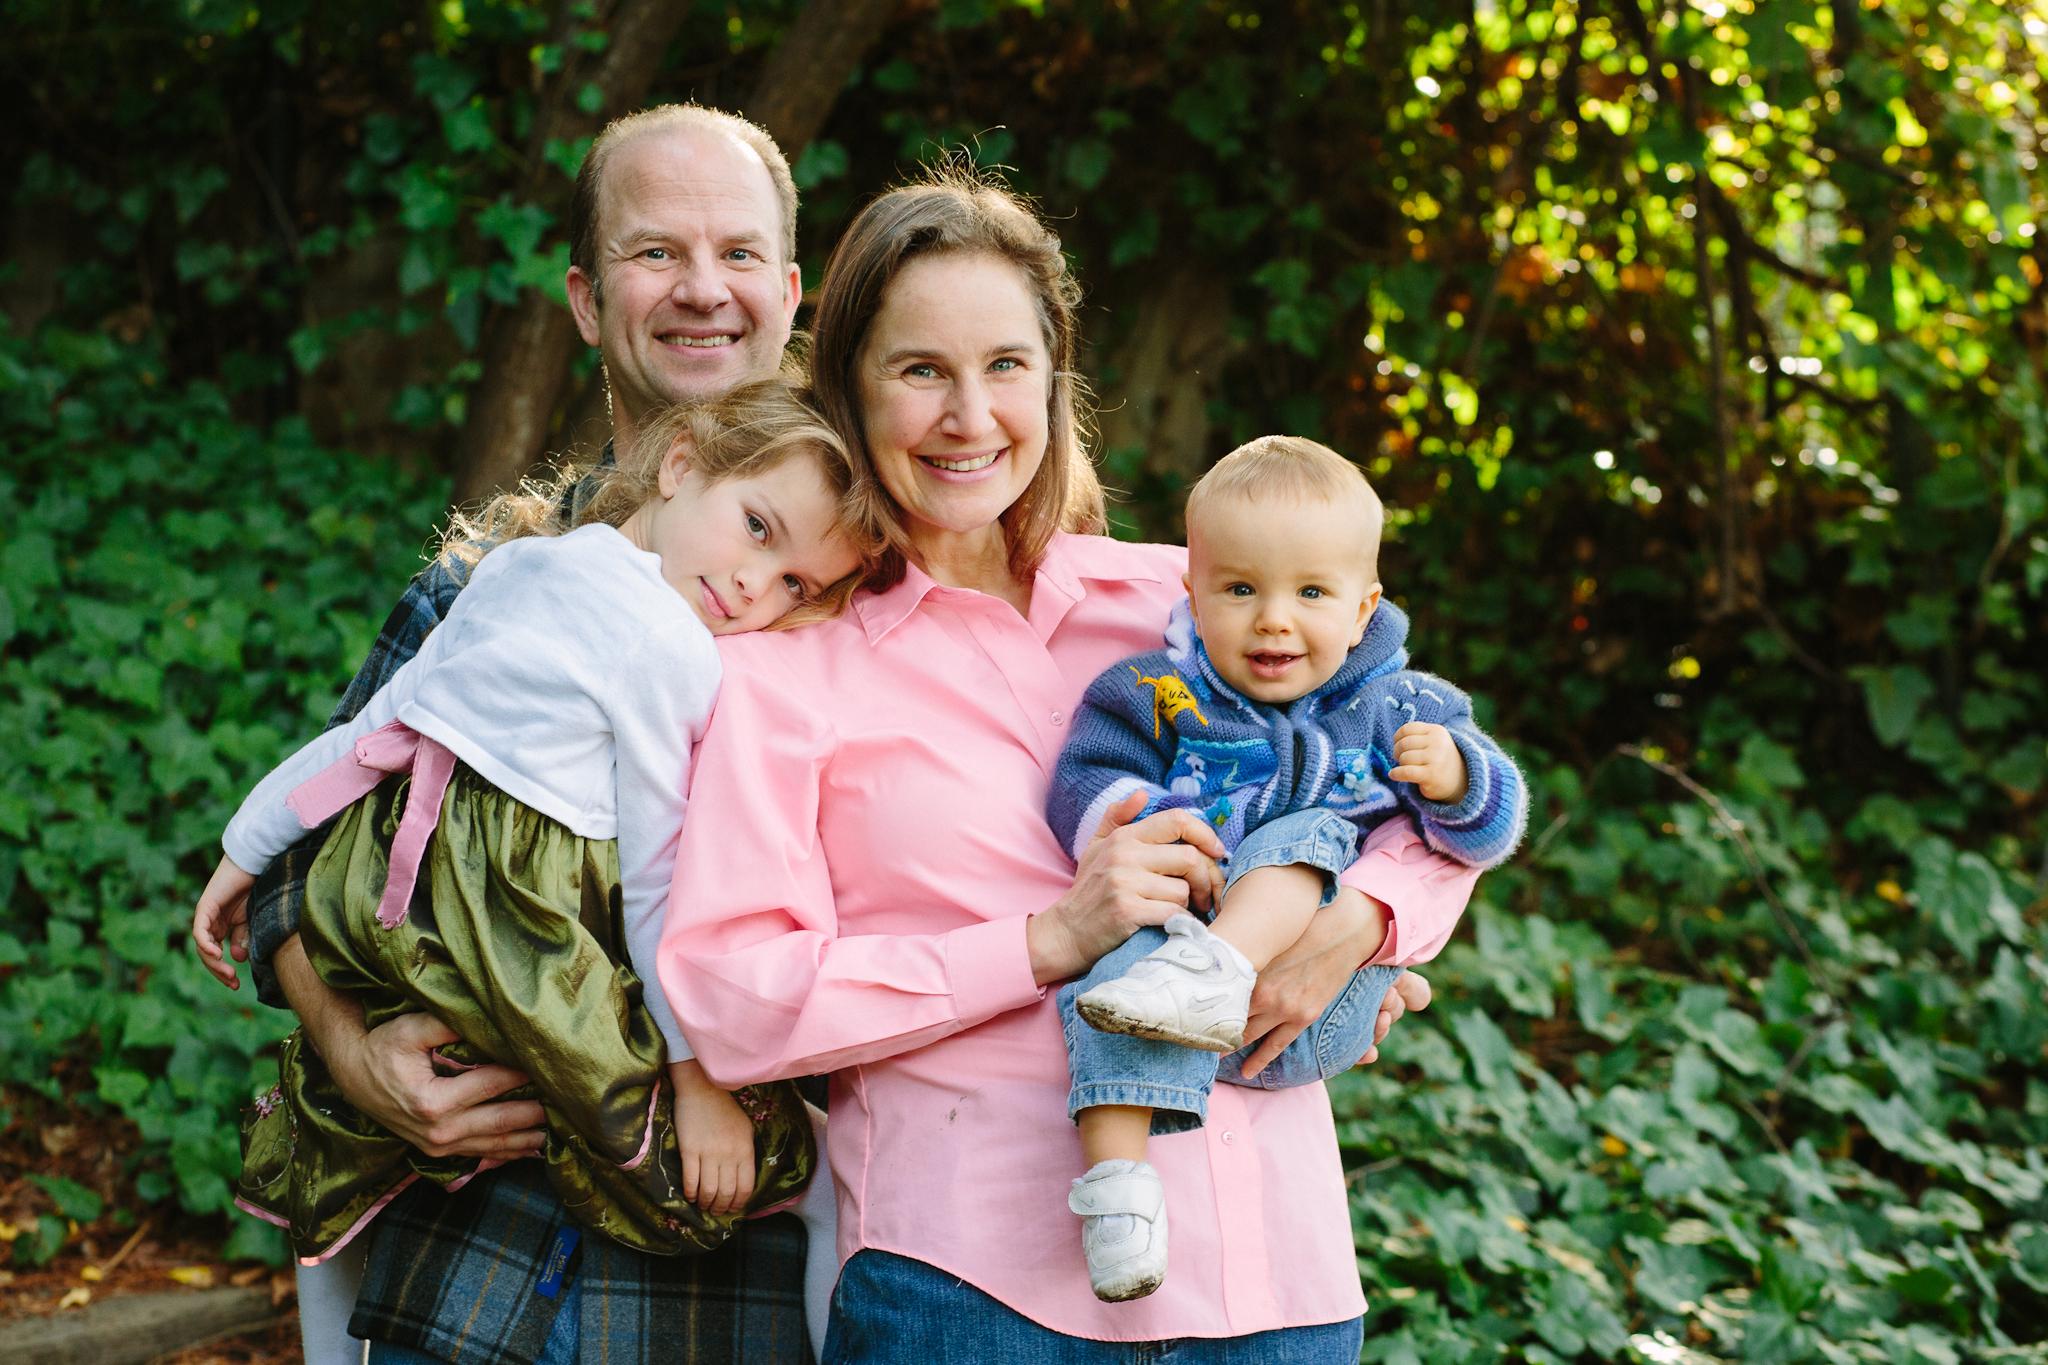 Jenny&DavidFamilyPortraits_Nov2014_jenniferleahy (212 of 502).jpg